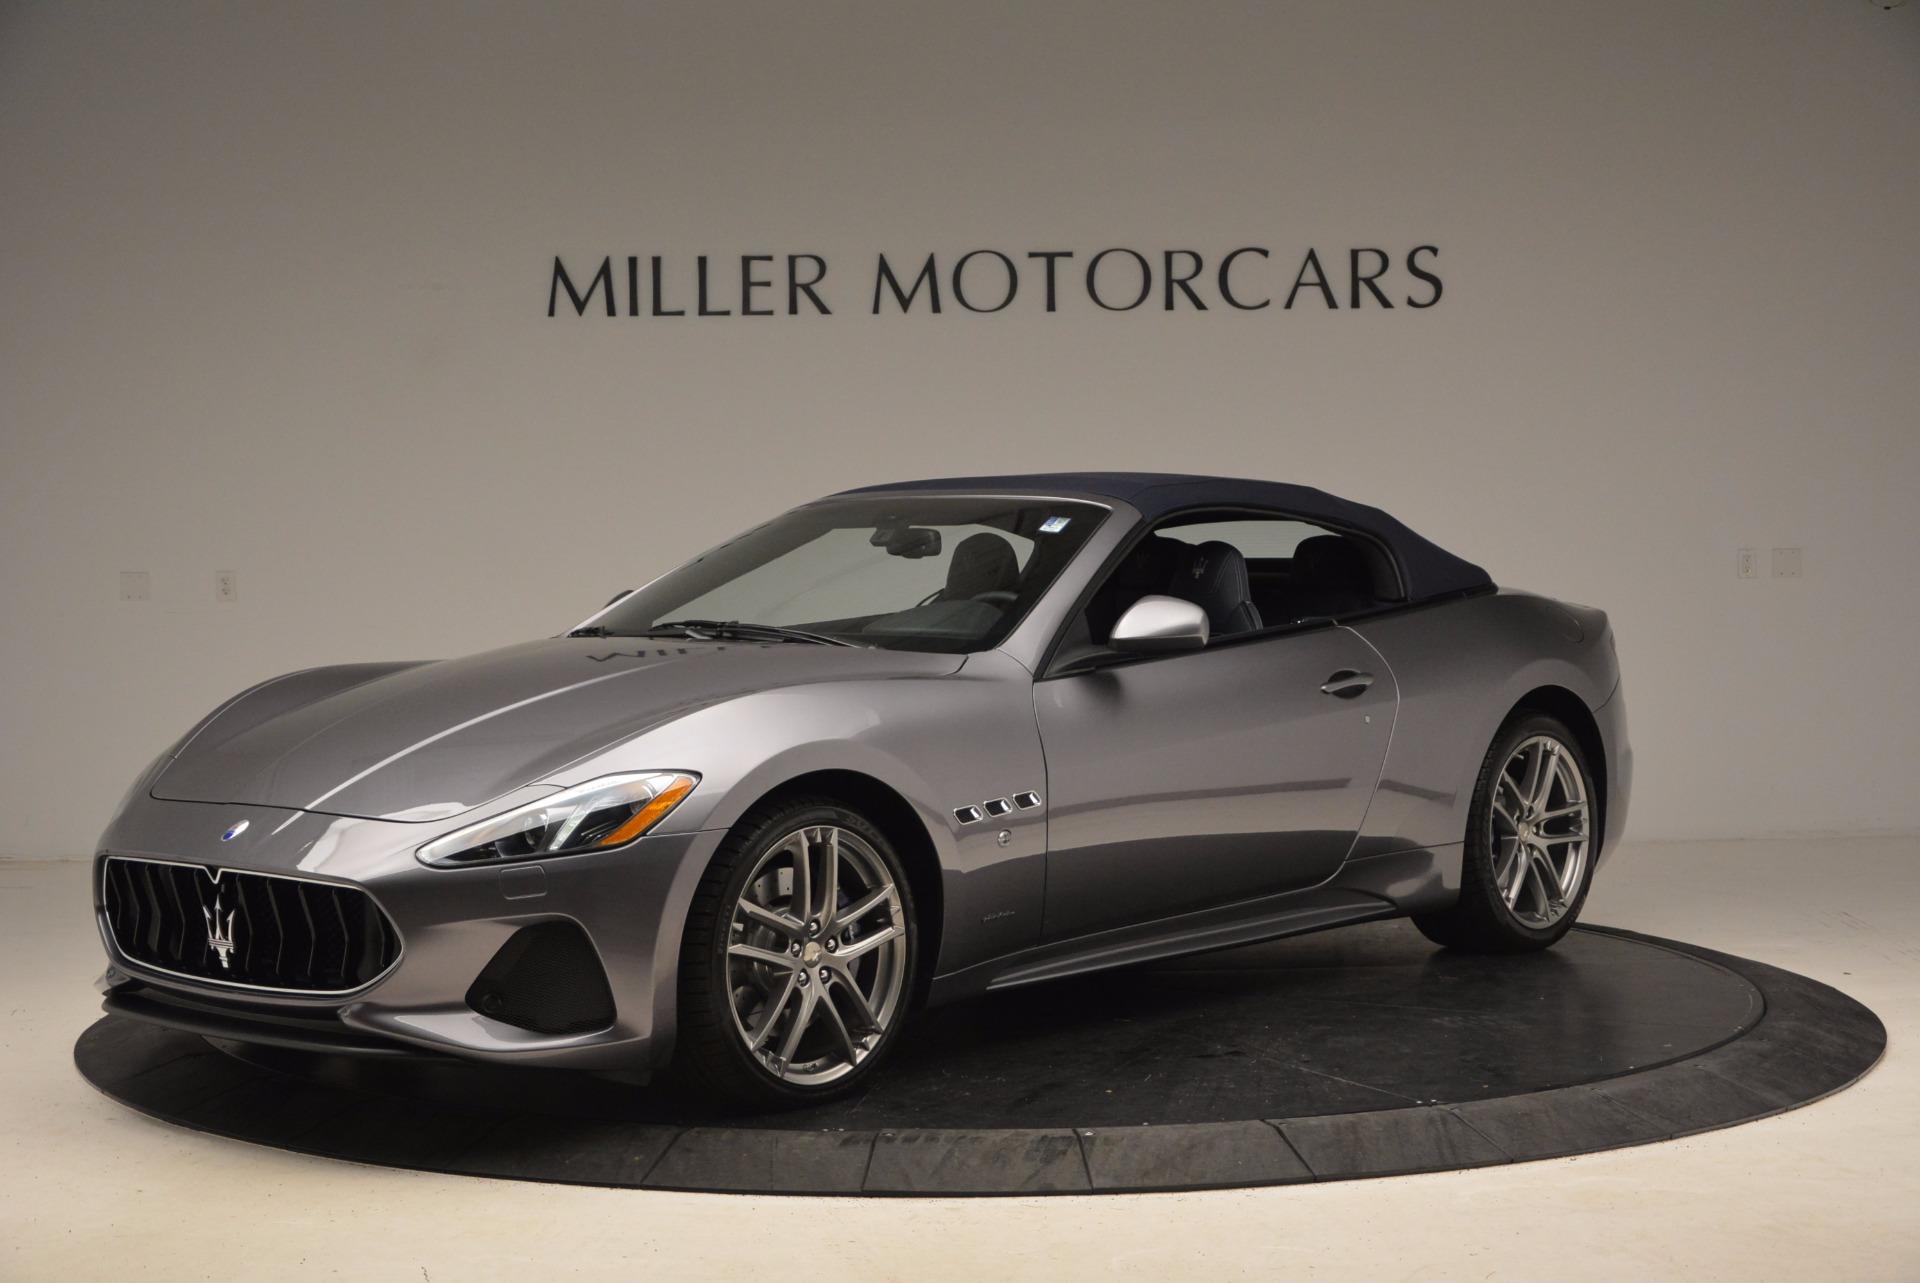 New 2018 Maserati GranTurismo Sport Convertible For Sale In Greenwich, CT 1703_p4